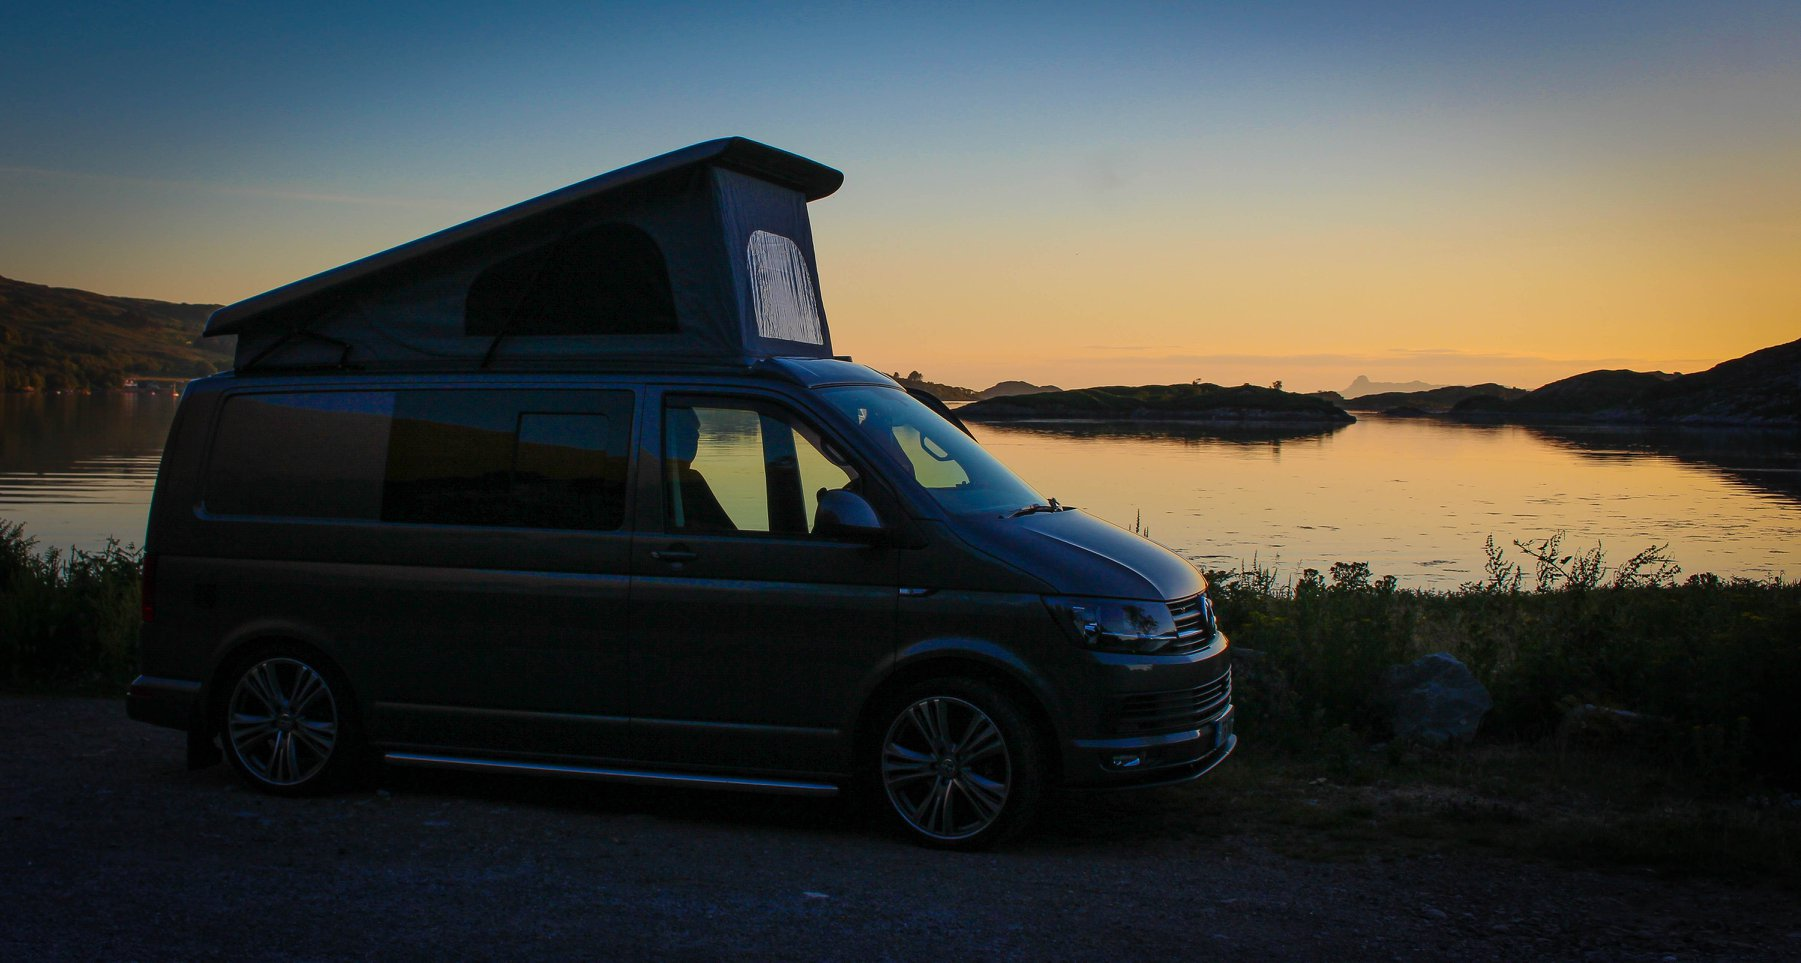 VW T6 Campervan Sunset